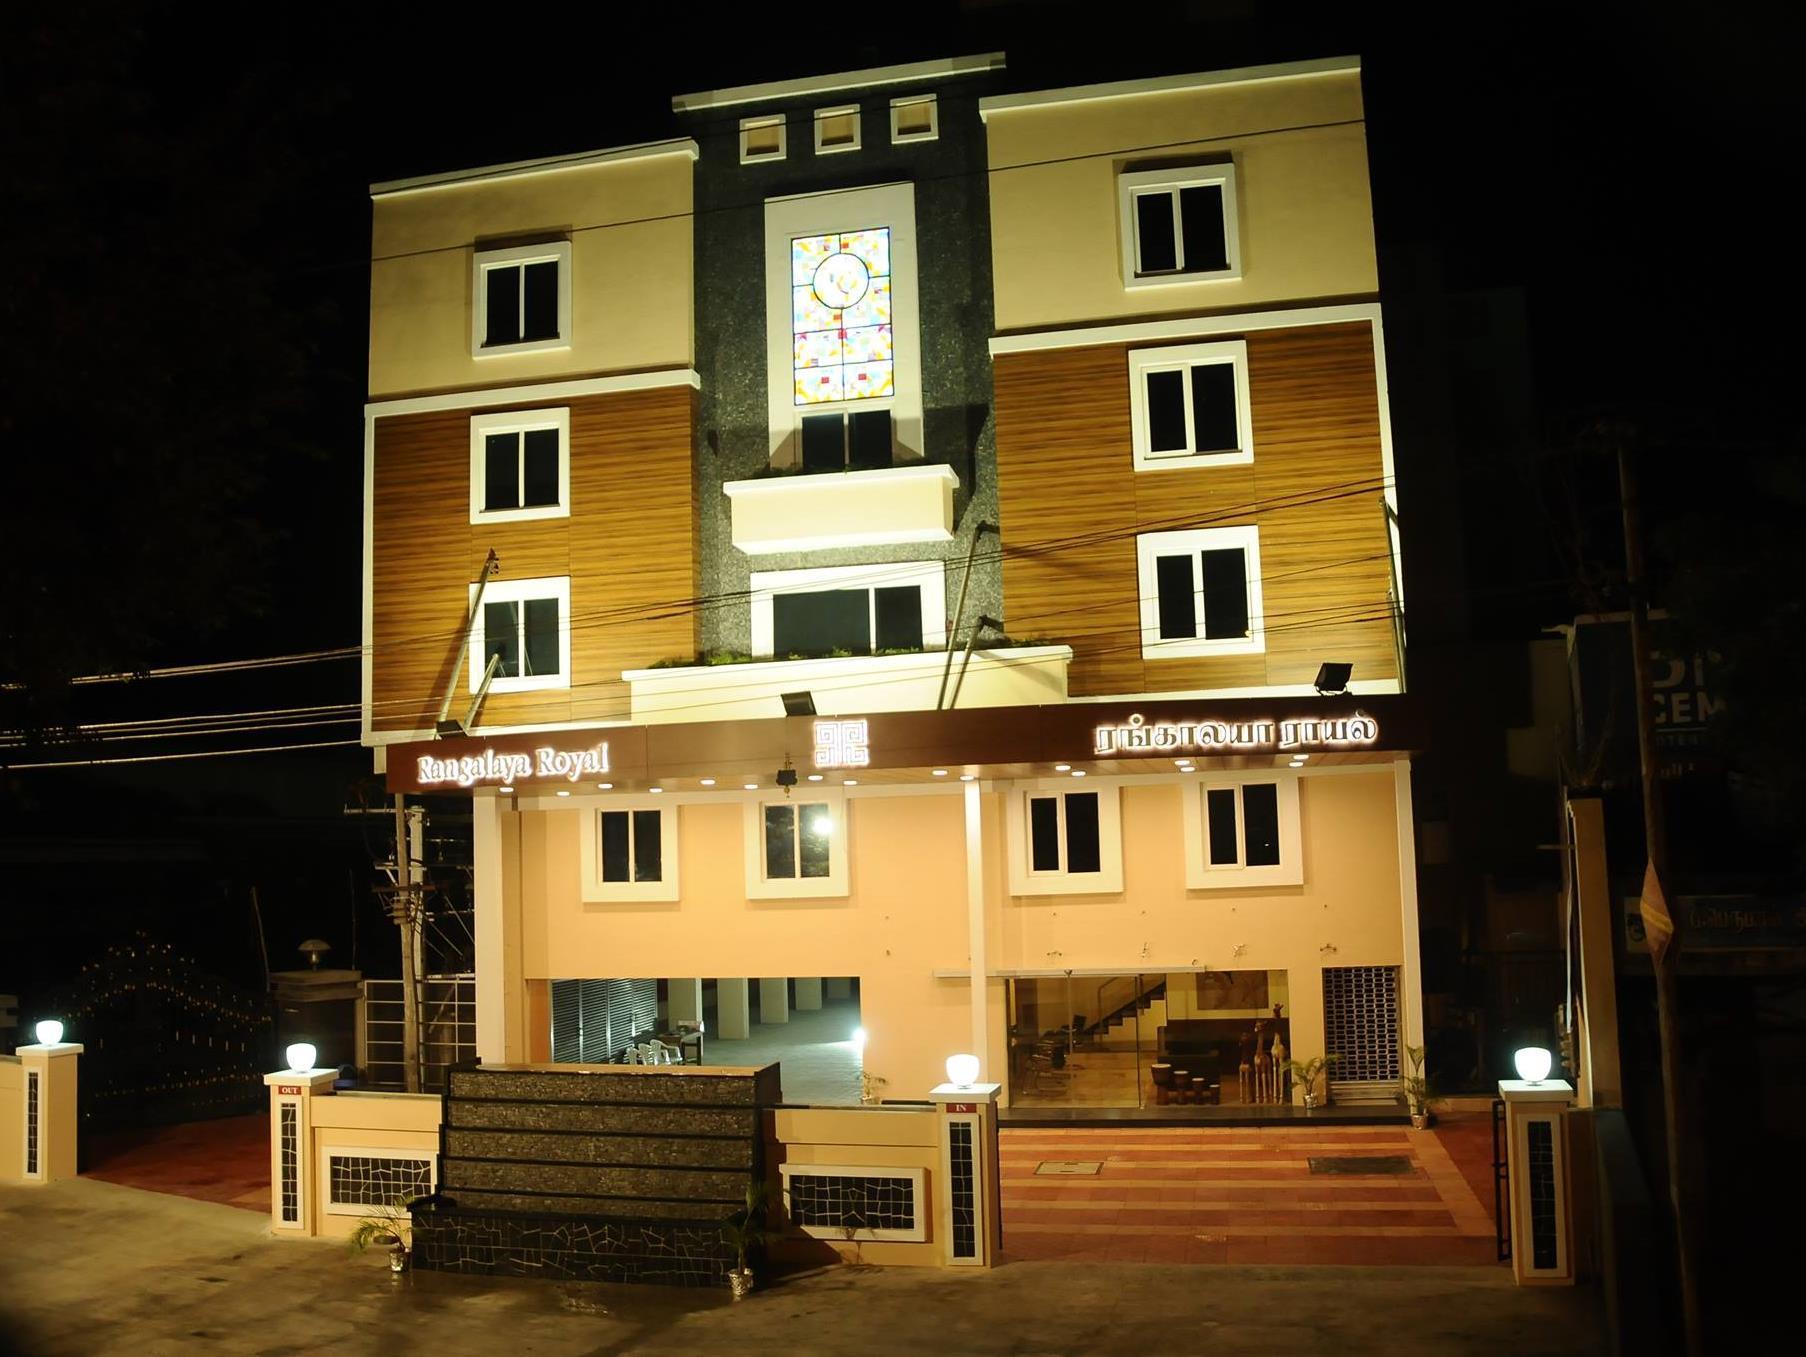 Rangalaya Royal Hotel